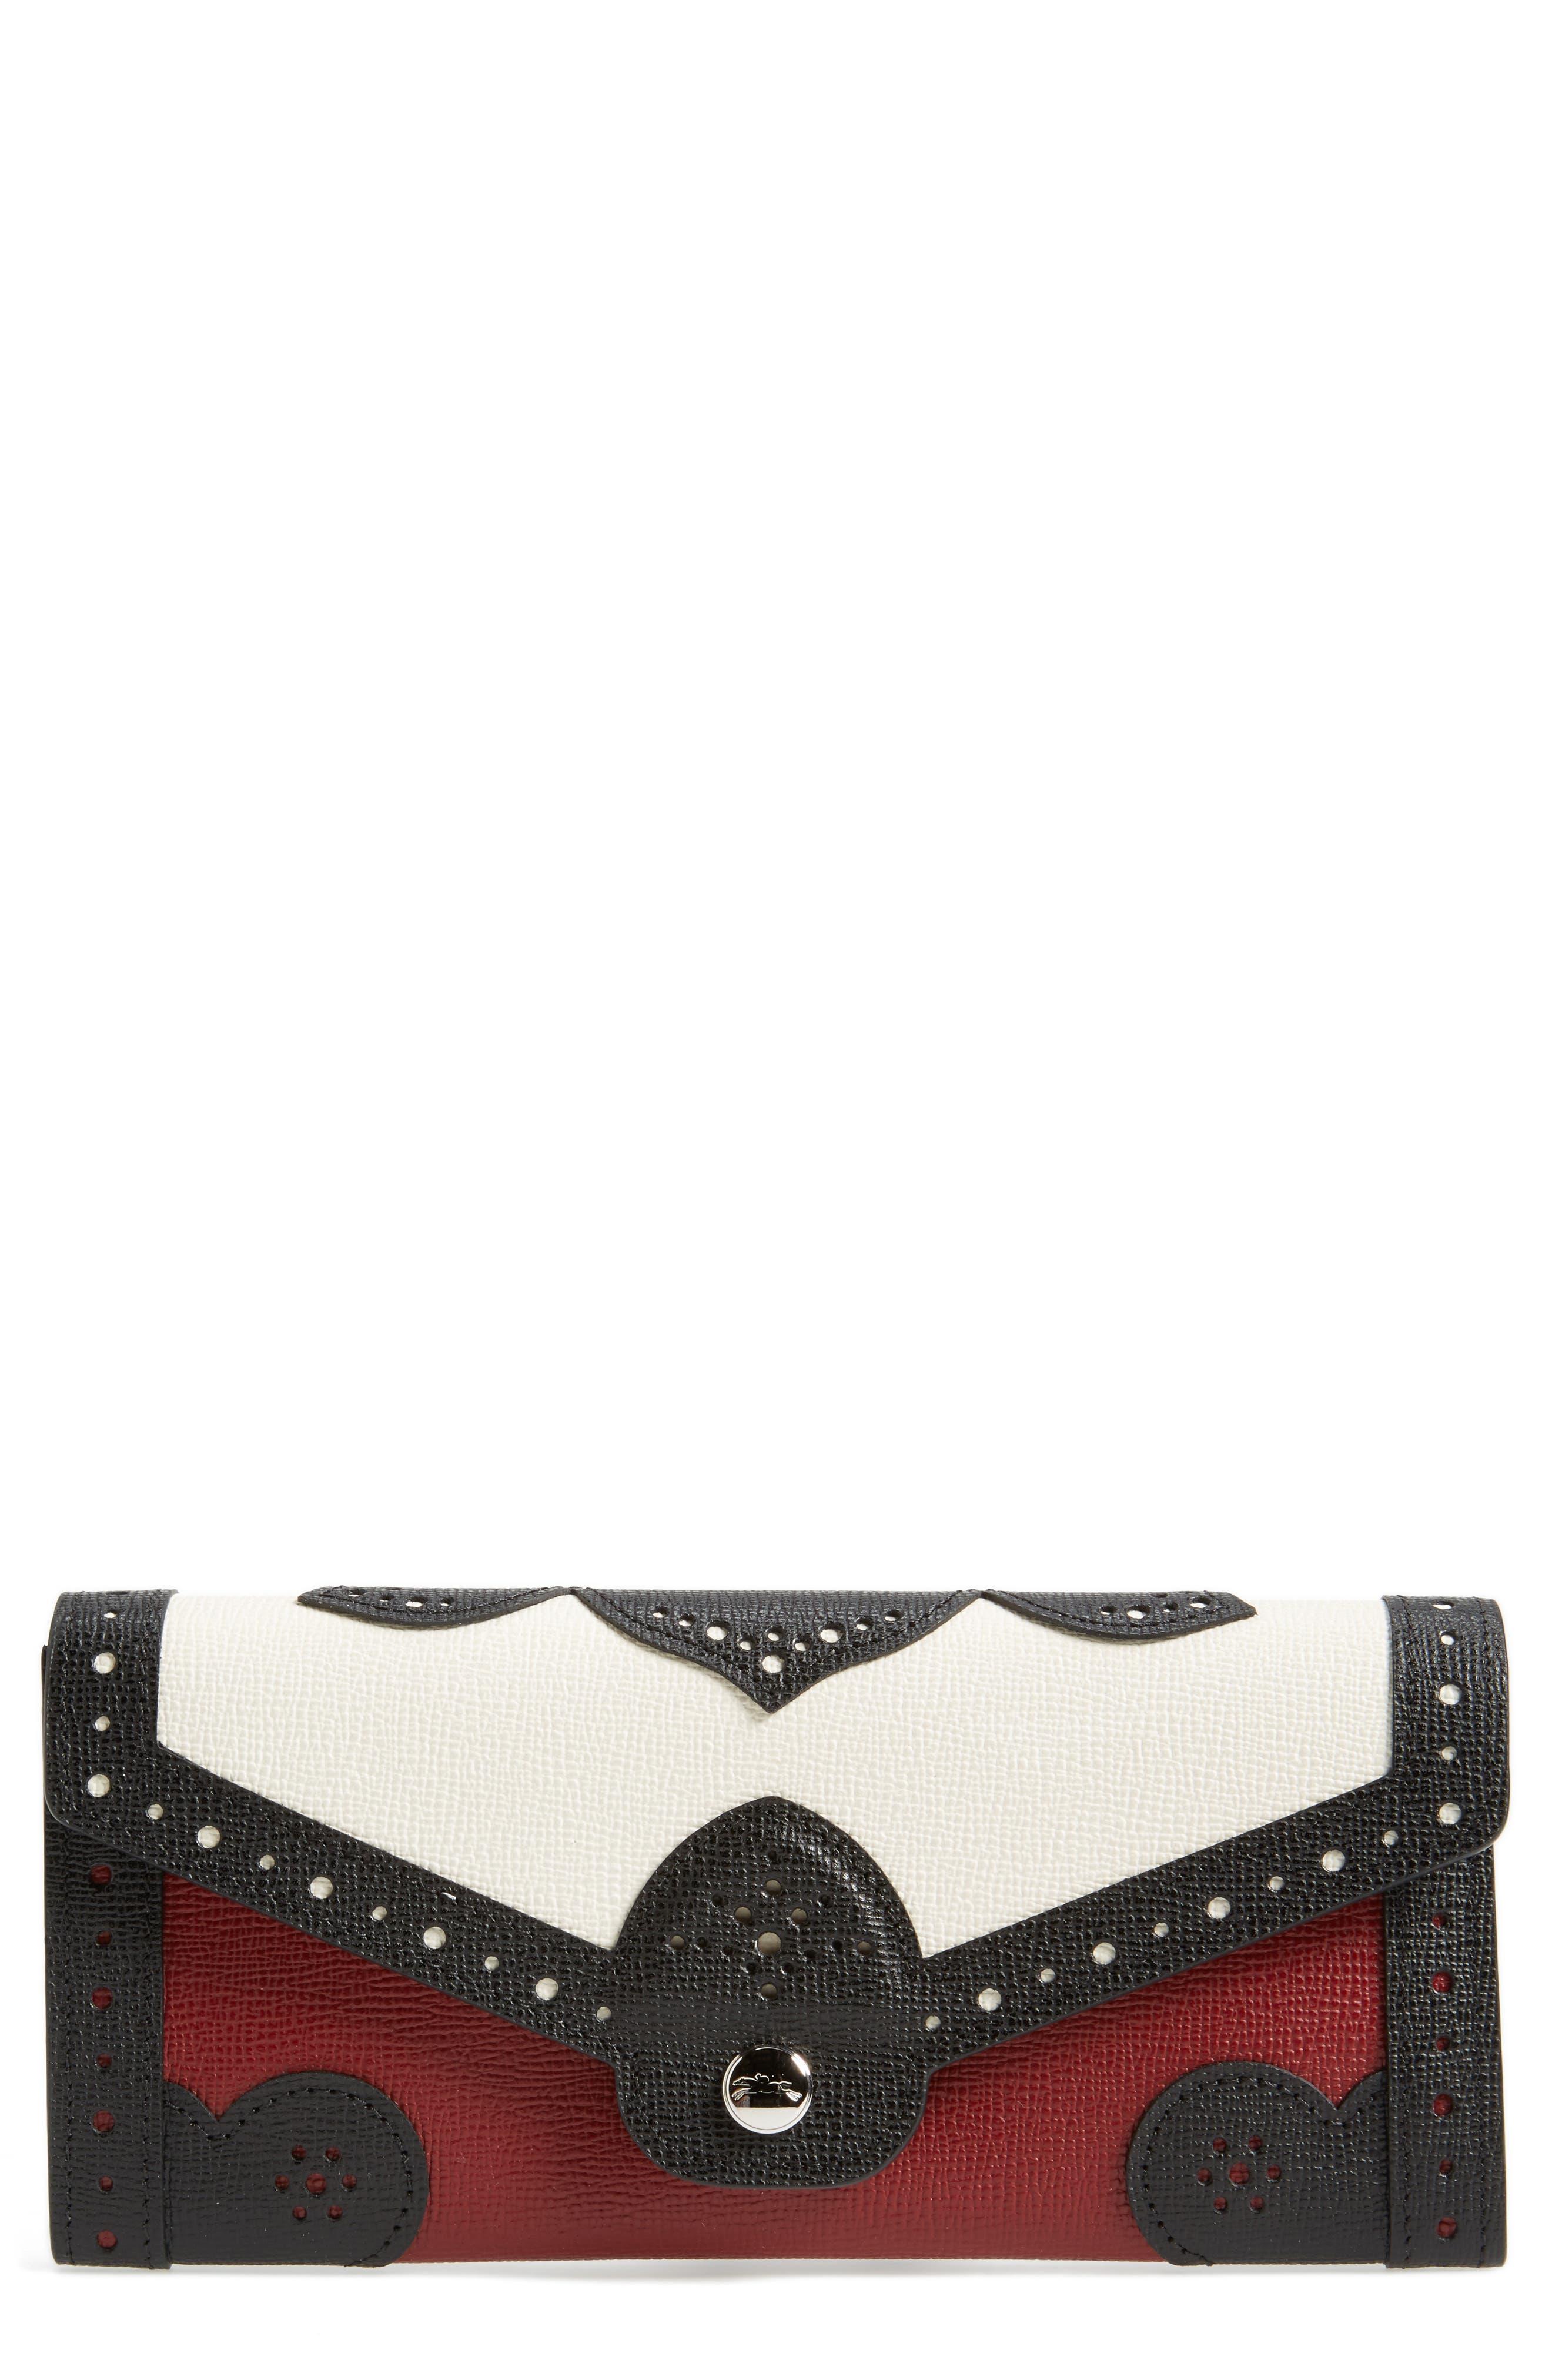 Effrontée Leather Wallet,                         Main,                         color, Red Lacquer